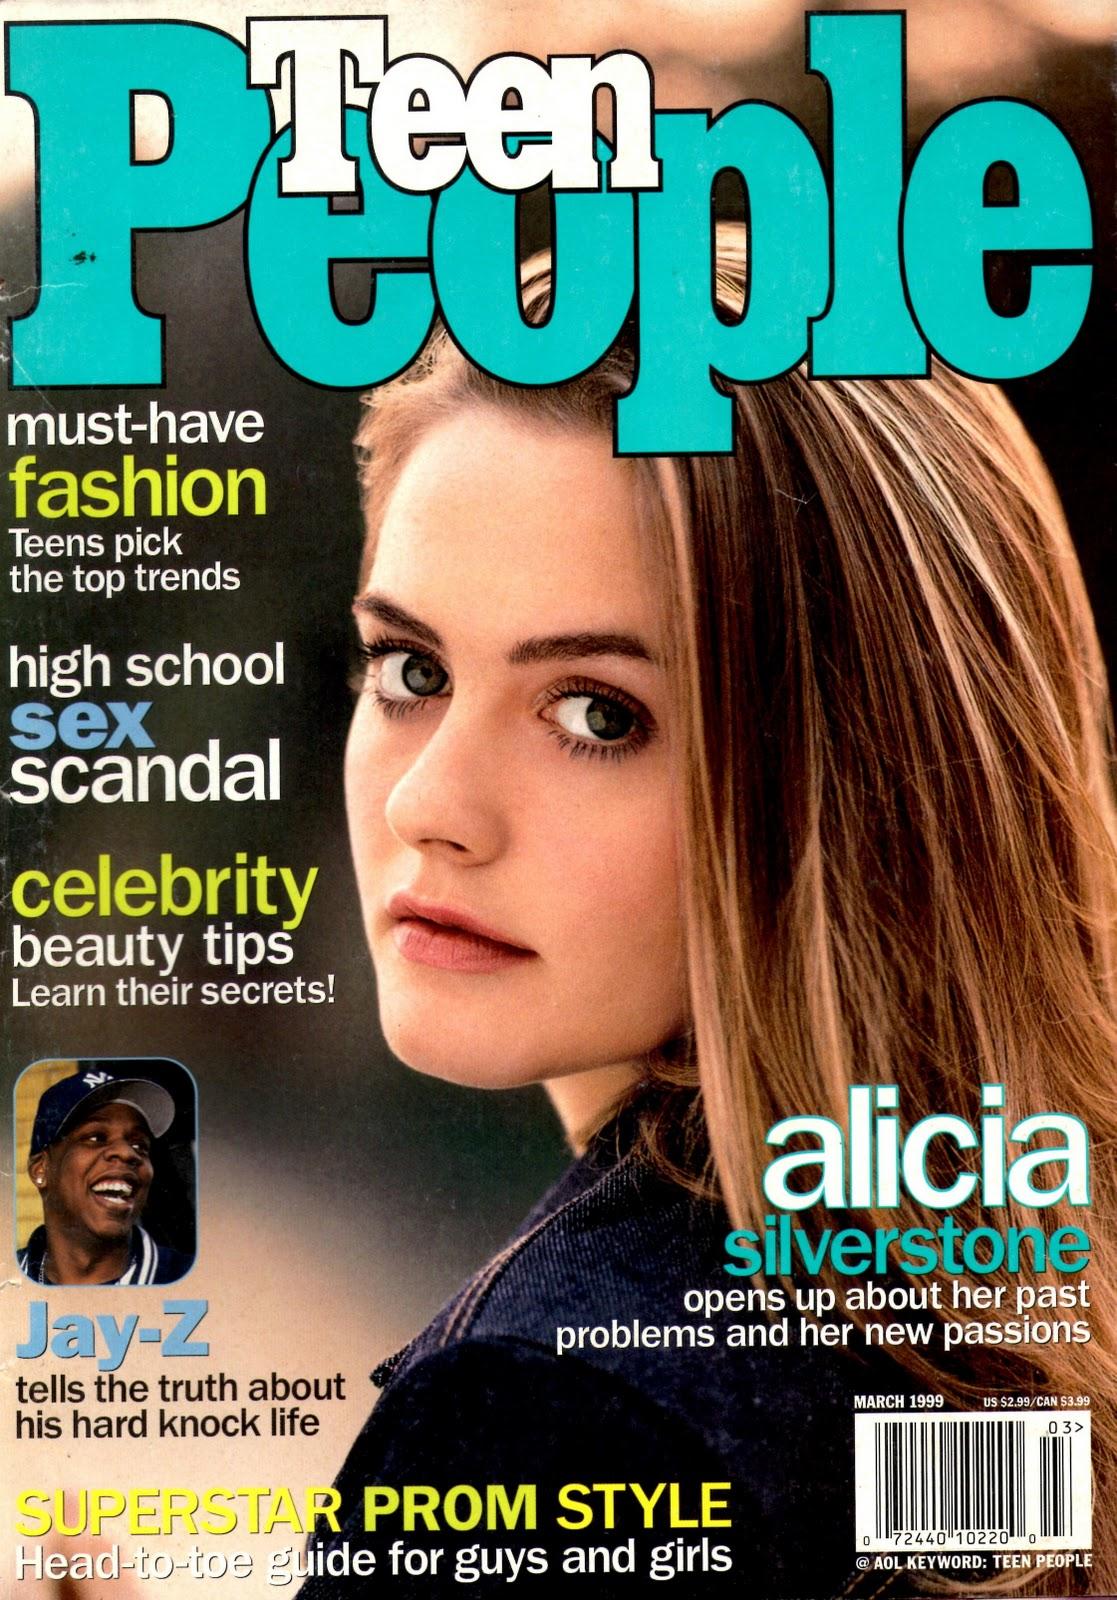 http://3.bp.blogspot.com/_VBWYS49PYAY/TS5zNHqcgMI/AAAAAAAAAOY/5JuFxkE6rP8/s1600/Alicia+Silverstone+Teen+People.jpg